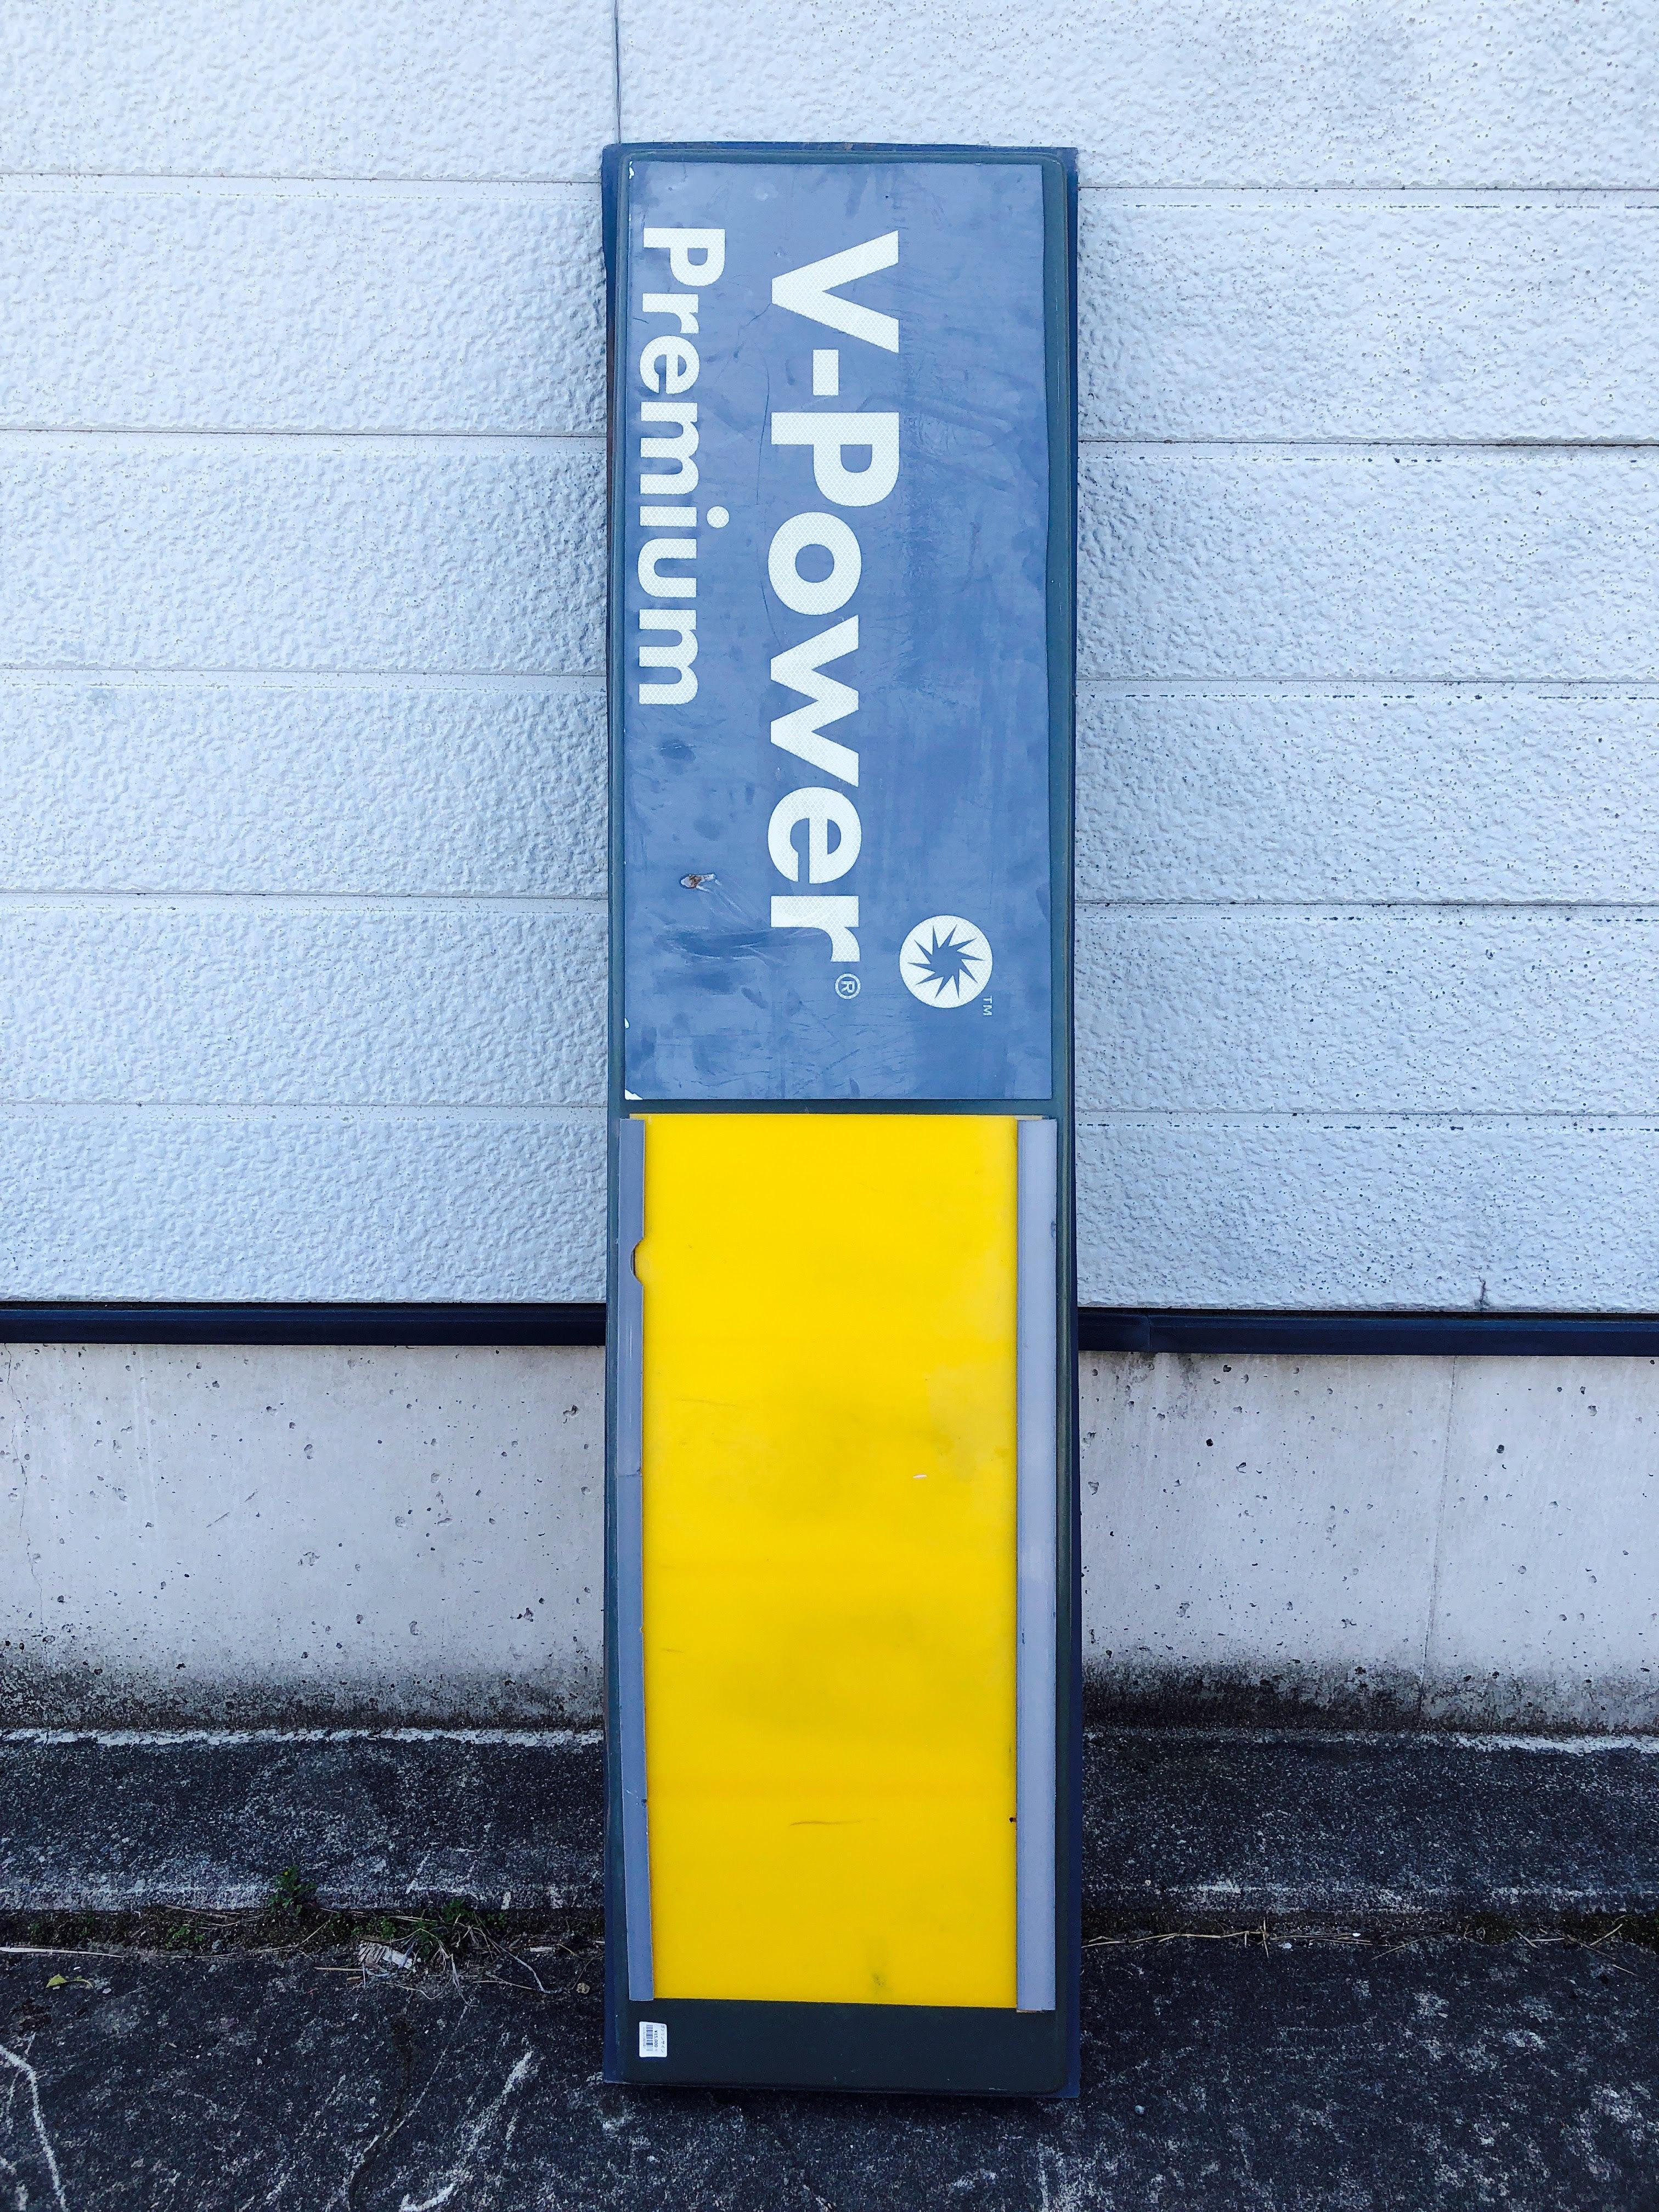 品番5087 サインボード Shell 『V-Power』 ガソリン 看板 アメリカン雑貨 ヴィンテージ